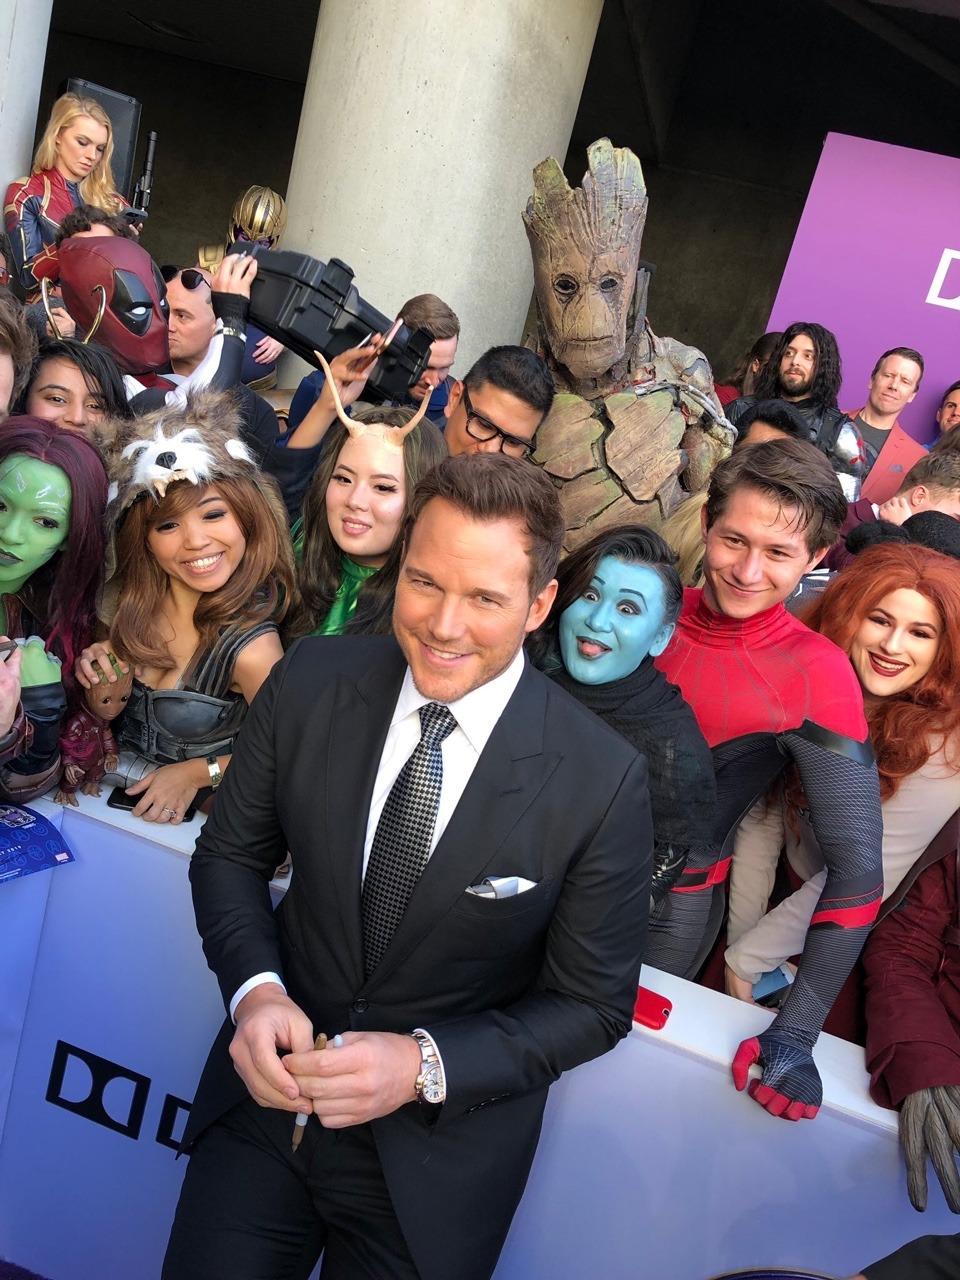 Avengers Infinity War 1 2 images Chris Pratt at the Avengers 960x1280